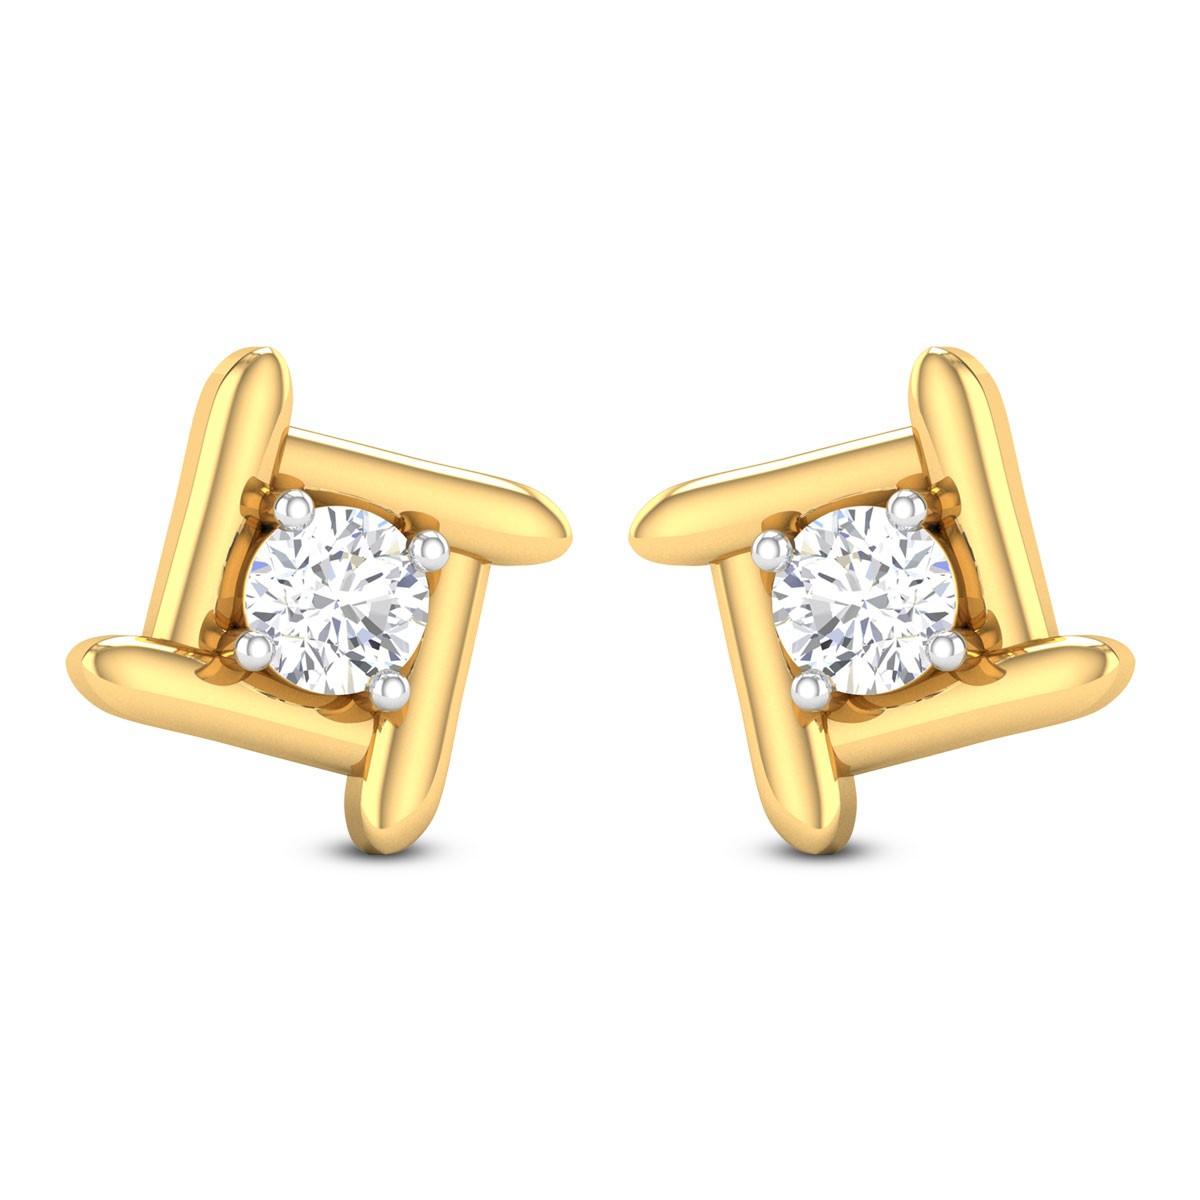 Swastik Solitaire Stud Earrings